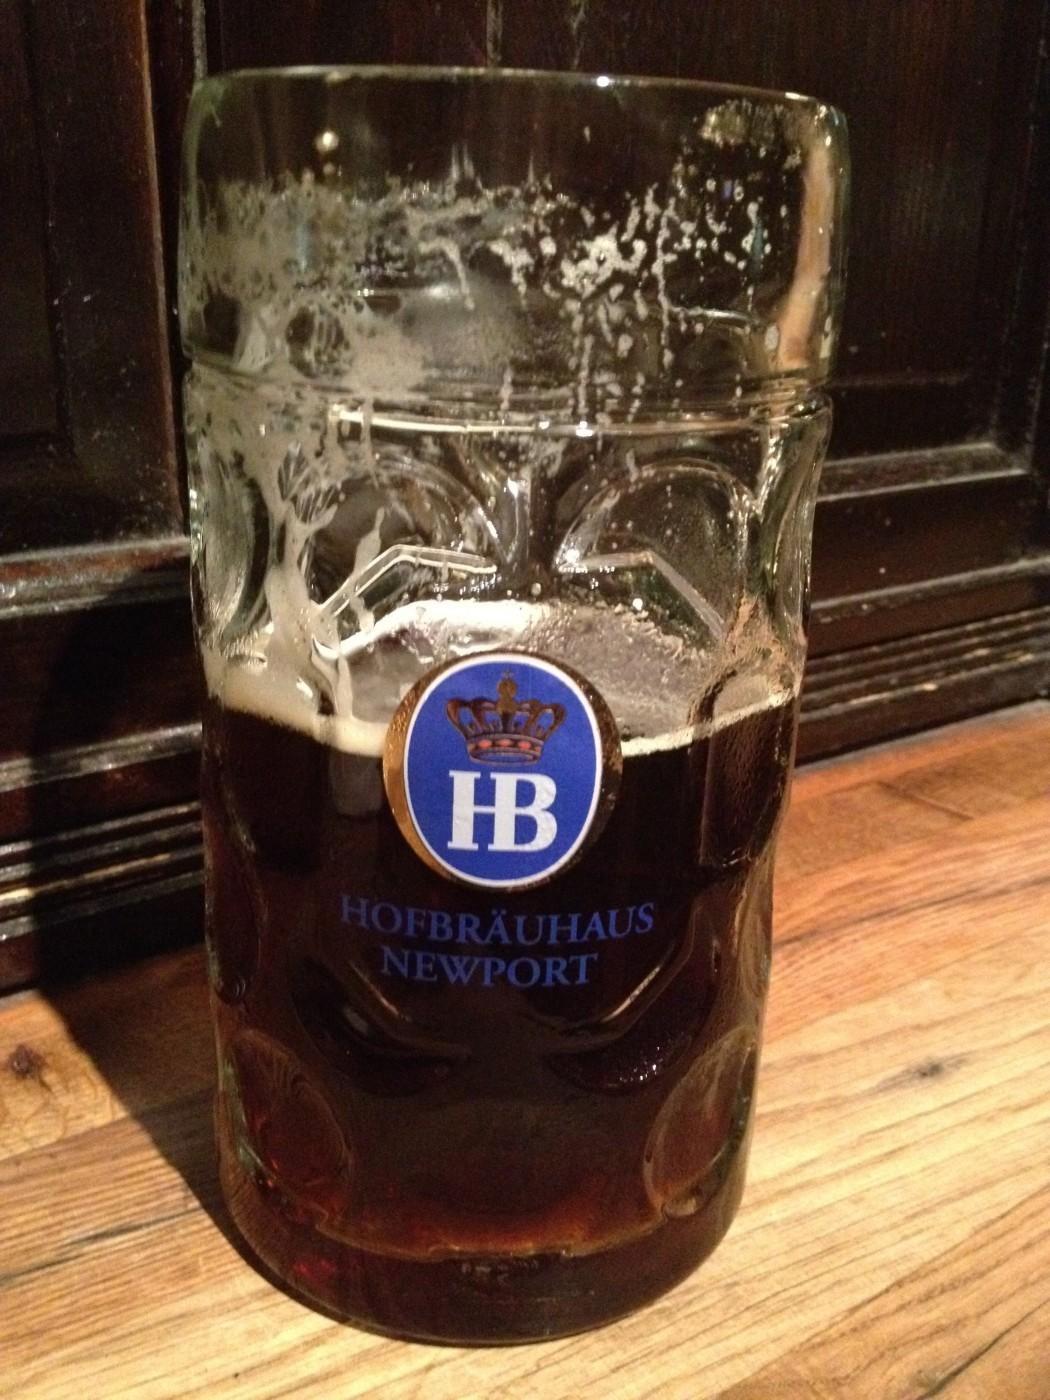 Munich Dunkel Lager – Hofbräuhaus Newport